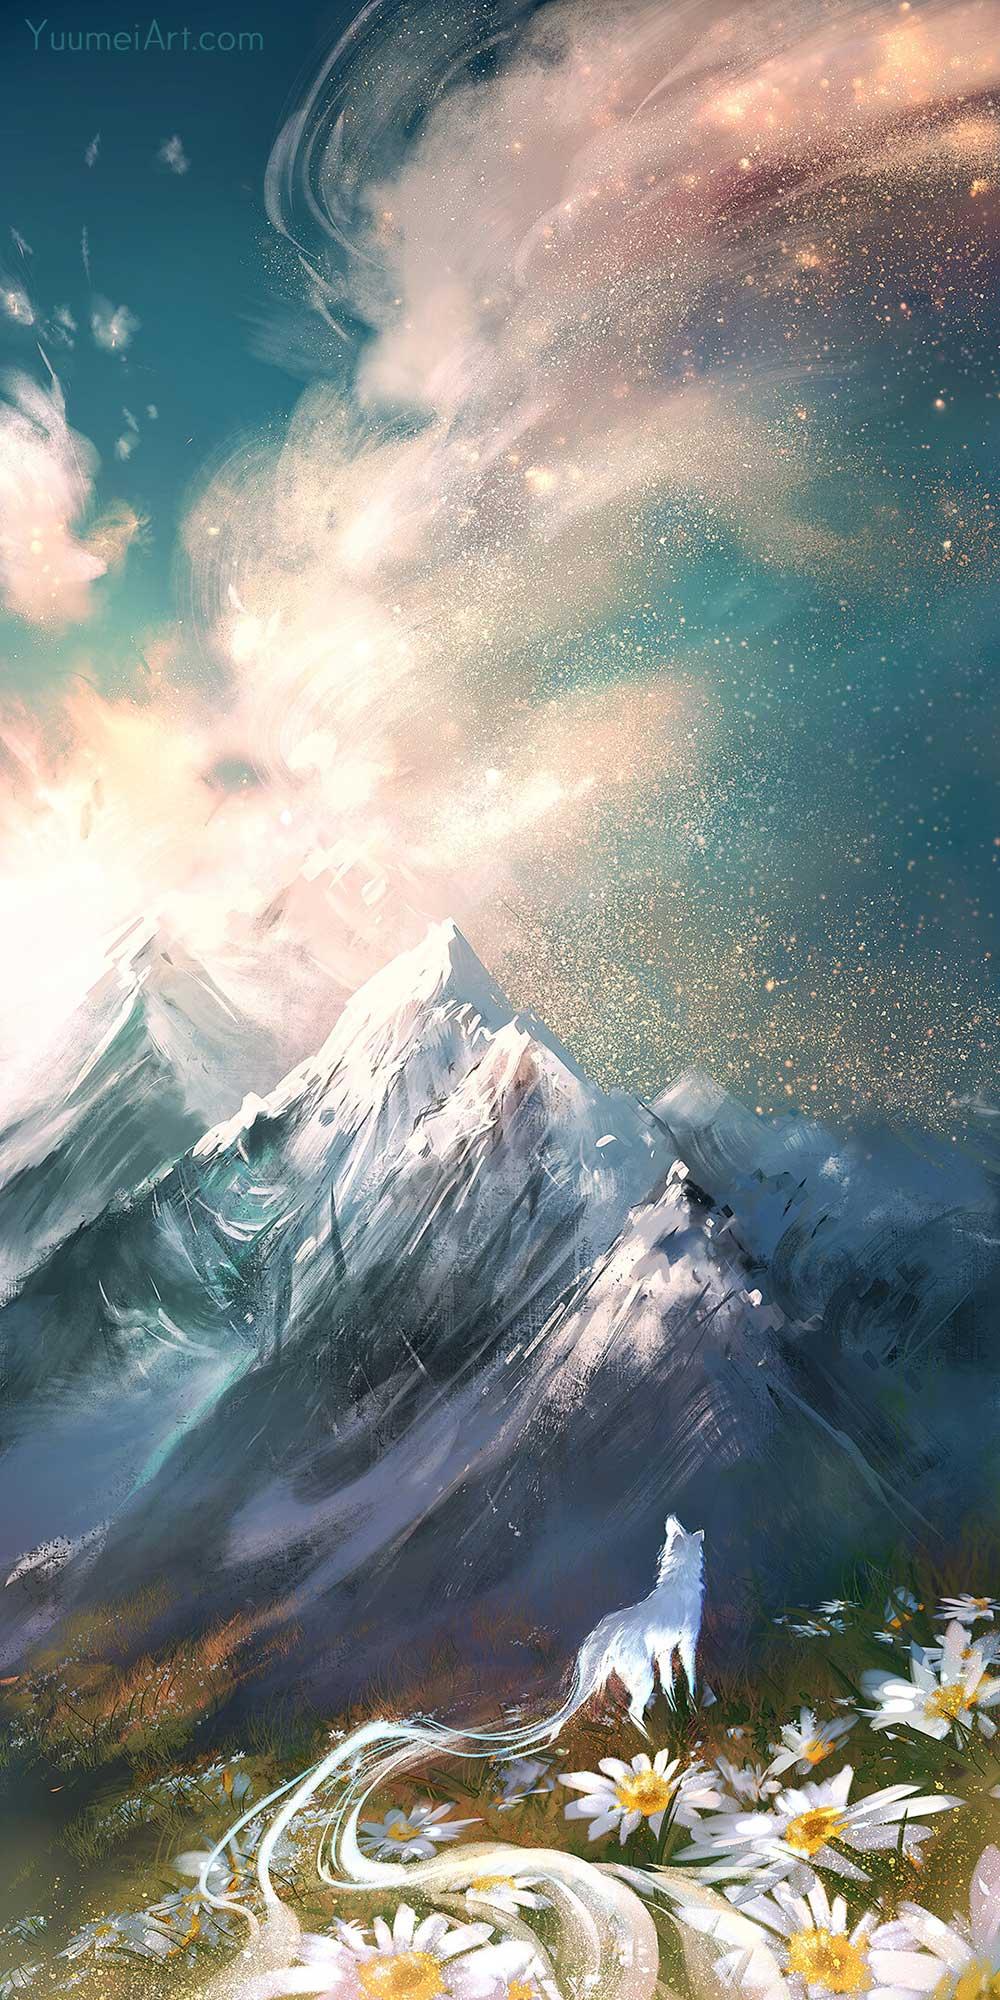 Star Spray by Artist Yuumei, aka Wenqing Yan